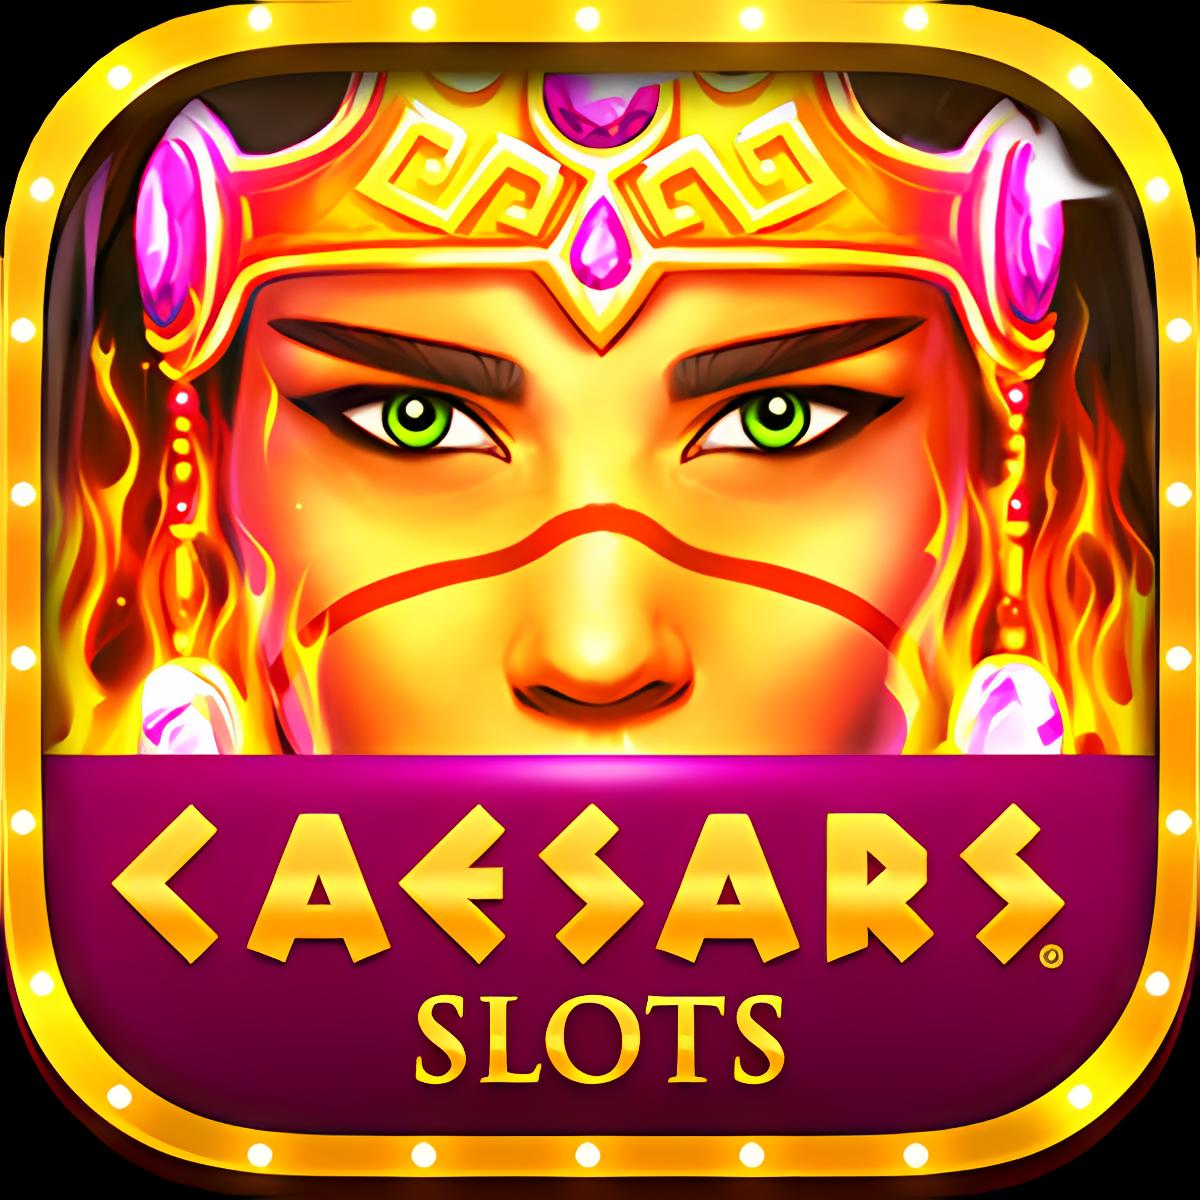 Caesars Slots Casino gratis Para mayores de 13 años